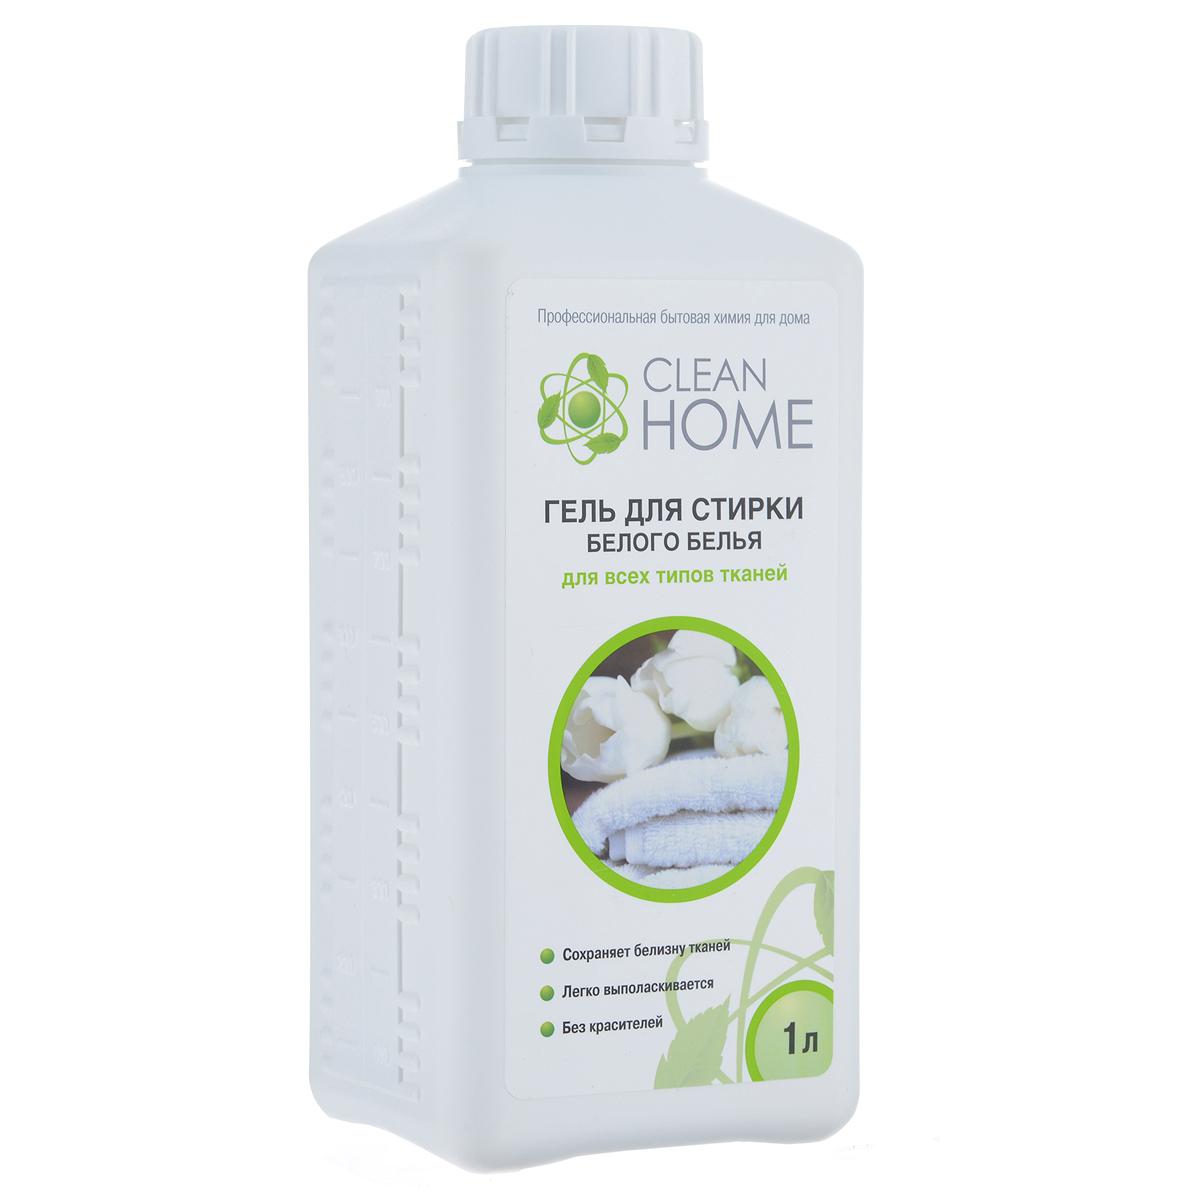 Гель для стирки белого белья Clean Home, для всех типов тканей, 1 л392Деликатное средство Clean Home предназначено для стирки всех типов белых тканей в воде любой жесткости для ручной и машинной стирки. - Обладает высокой моющей способностью - Эффективно удаляет пятна и загрязнения - Сохраняет структуру тканей - Препятствует образованию серого оттенка и желтизны - Легко выполаскивается. Не содержит красителей и хлора. Линия профессиональной бытовой химии для дома Clean Home представлена гаммой средств для стирки и уборки дома. Clean Home - это весь необходимый ряд высокоэффективных универсальных средств европейского качества. Состав: вода, 5-15% АПАВ, менее 5% НПАВ, менее 5% фосфаты, мыло, оптический отбеливатель, полимер, функциональные добавки, метилхлороизотиазолинон, метилизотиазолинон, отдушка.